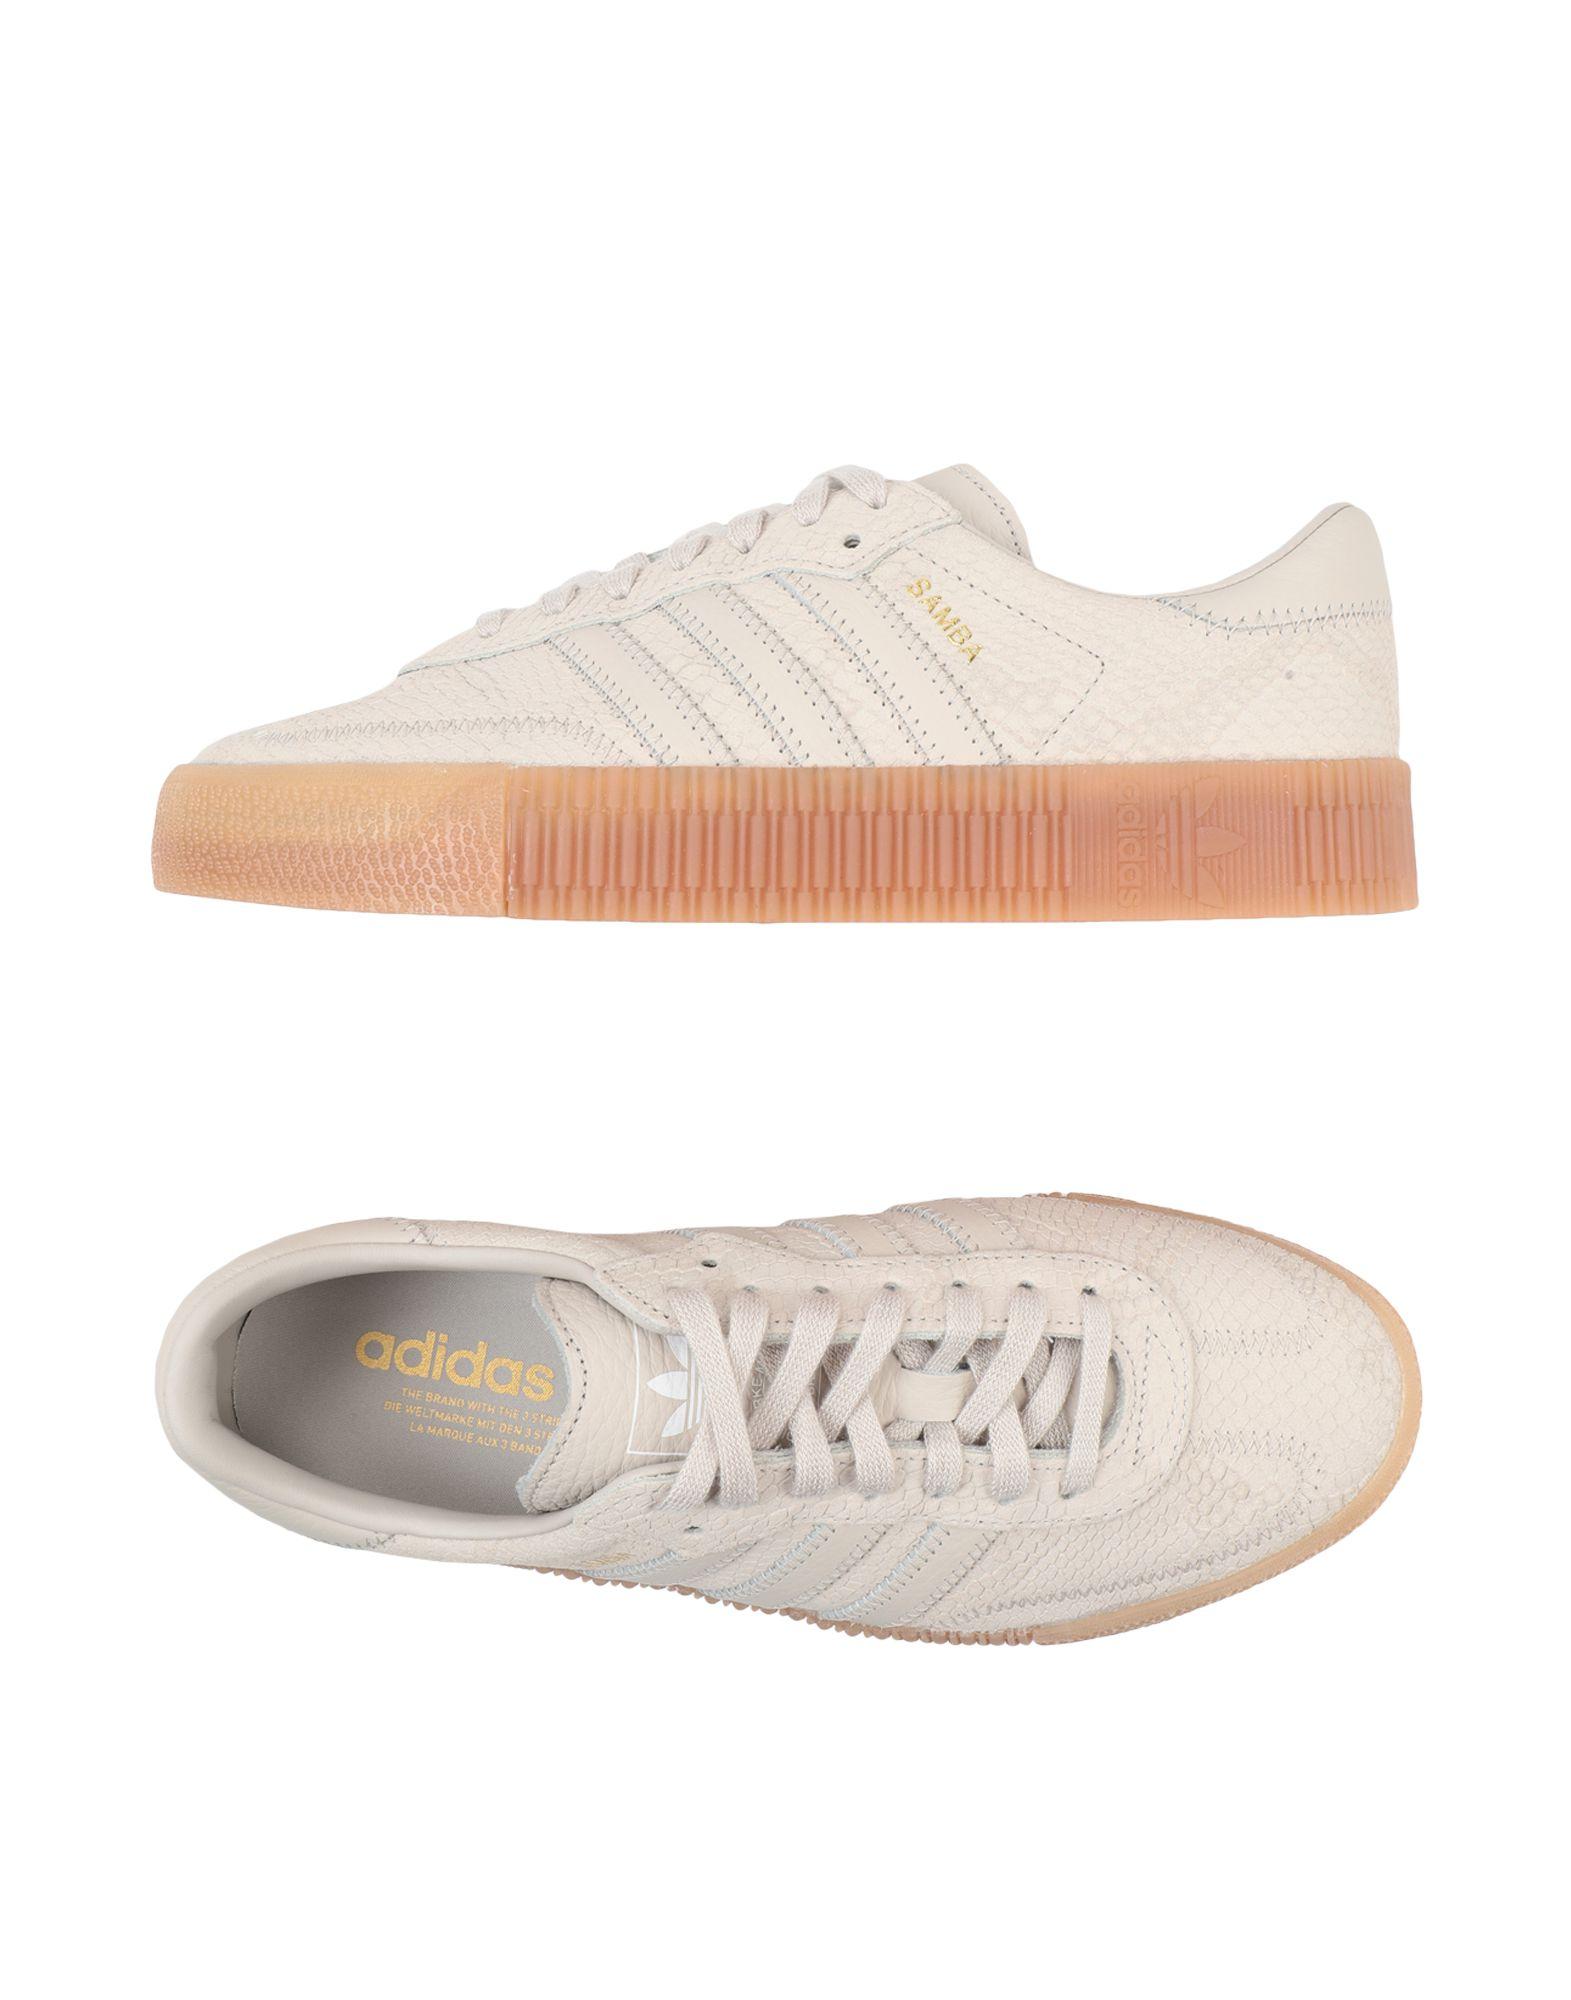 Baskets Adidas Originals Sambarose W - Femme - Baskets Adidas Originals Beige Les chaussures les plus populaires pour les hommes et les femmes